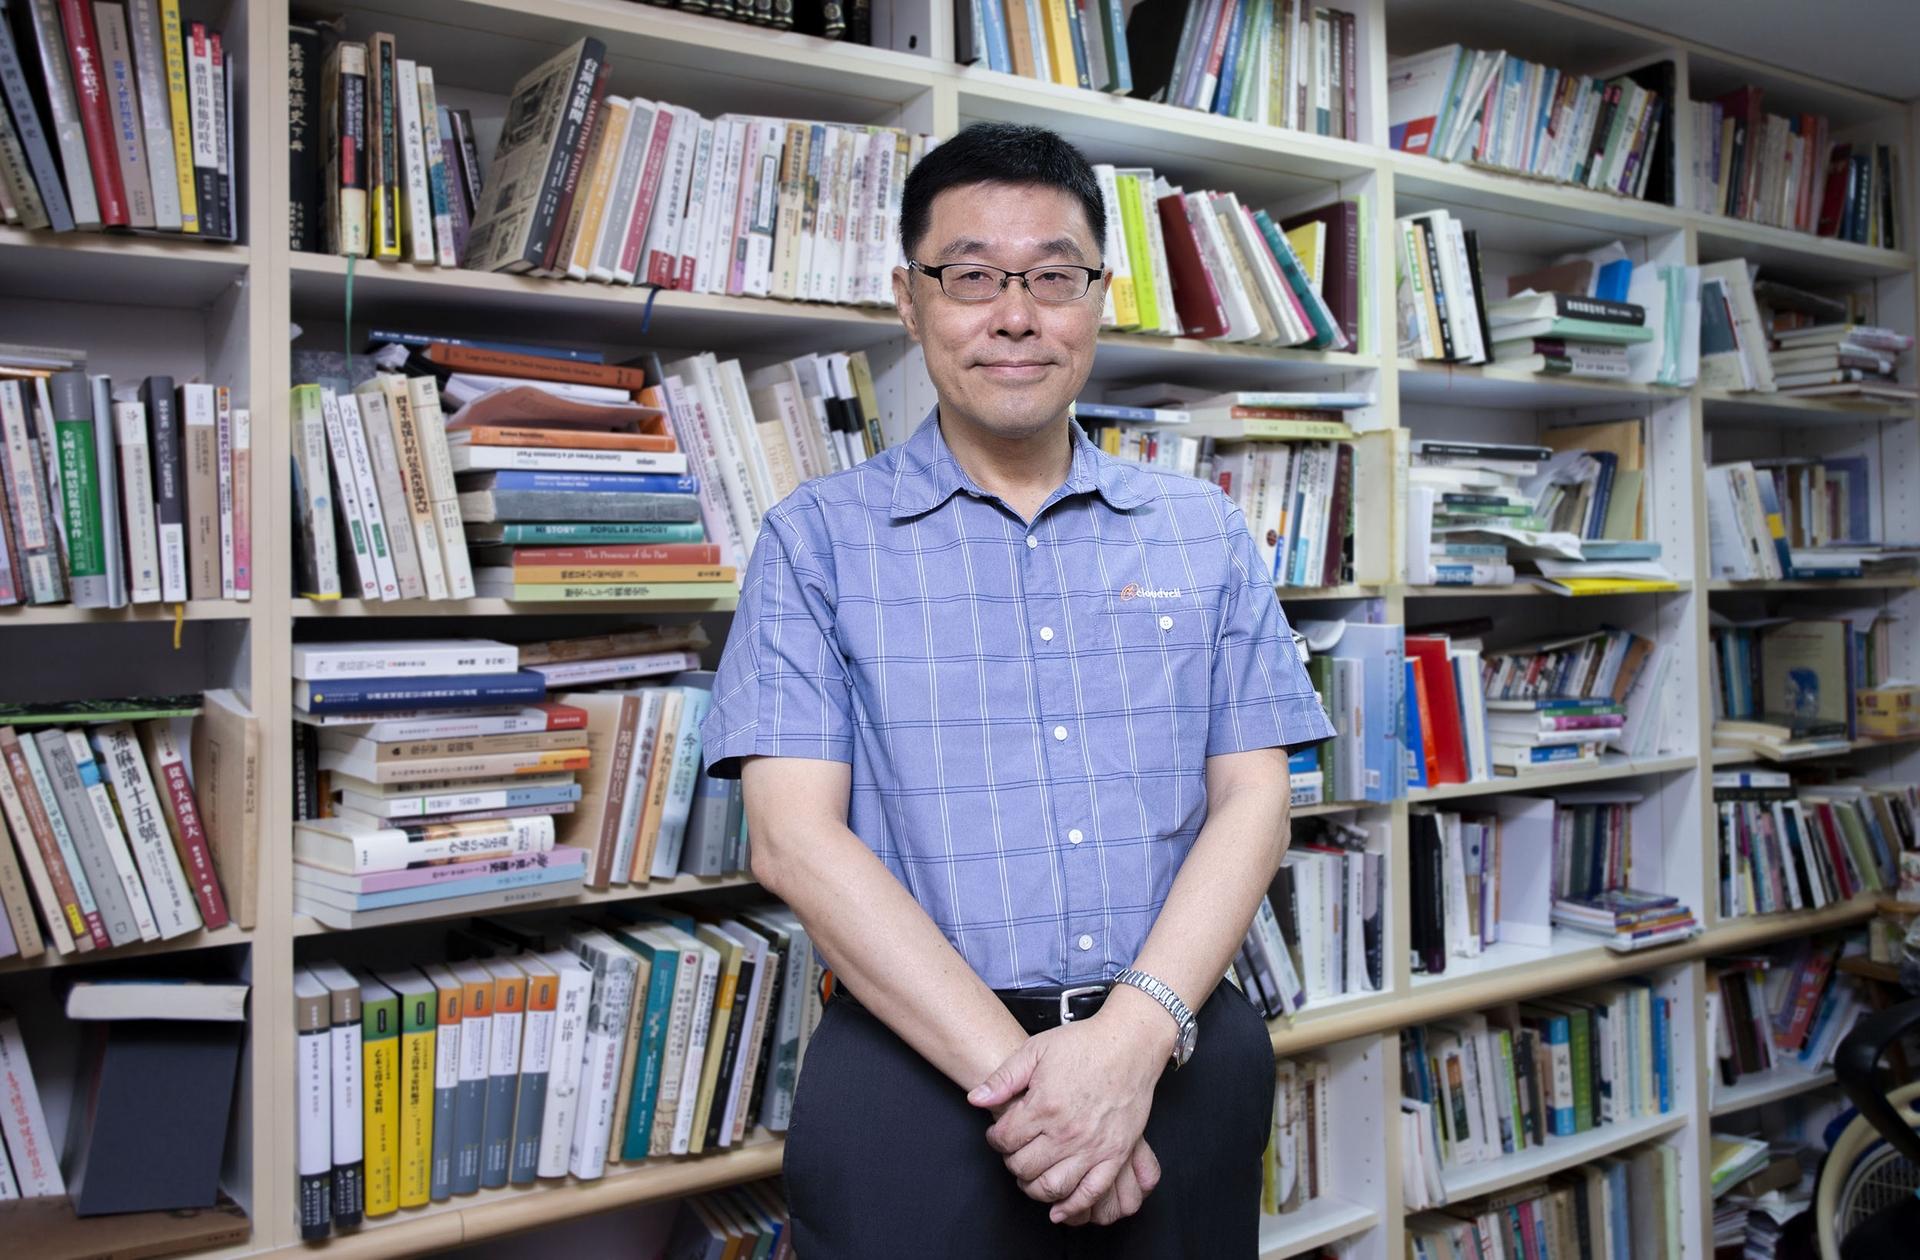 從歷史記憶、文化資產的探討,到公共歷史的知識傳播,張隆志認為臺灣仍有許多發展空間,他也期待未來參與更多博物館、文資合作,從歷史人文角度促進公共對話。 <br>攝影│林洵安